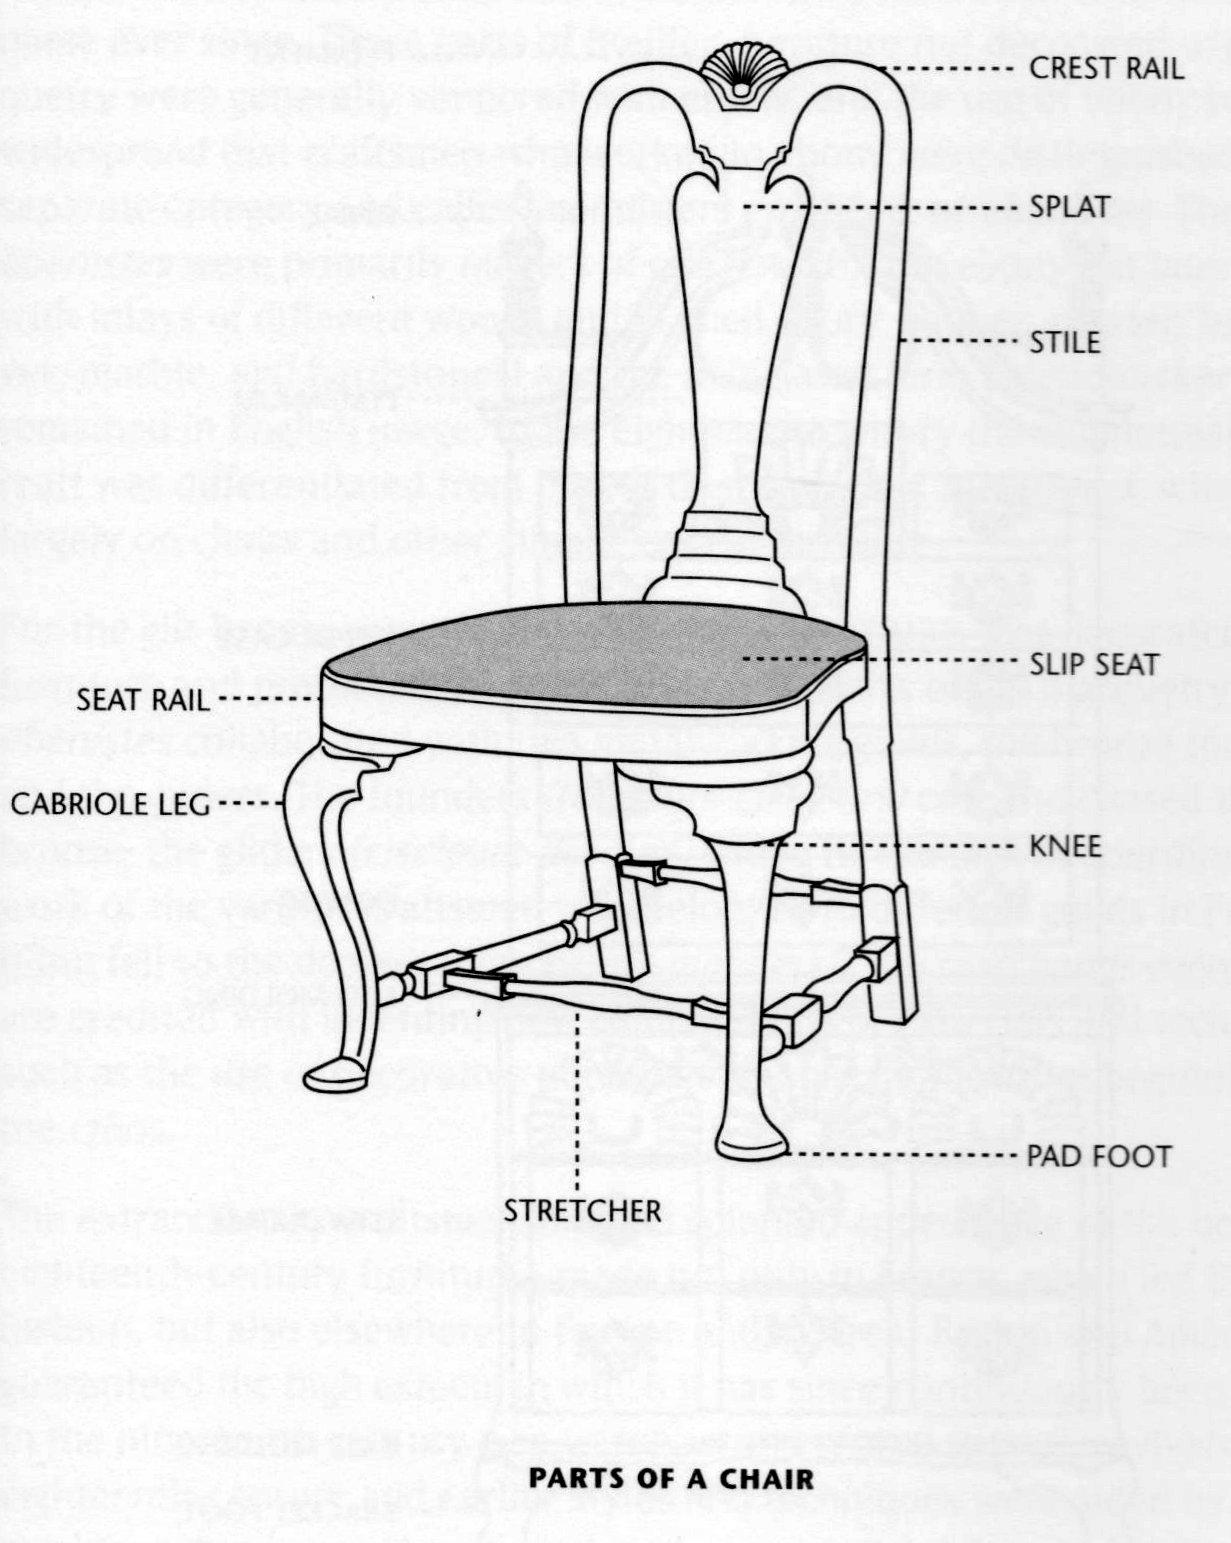 Vintage Parts Diagram